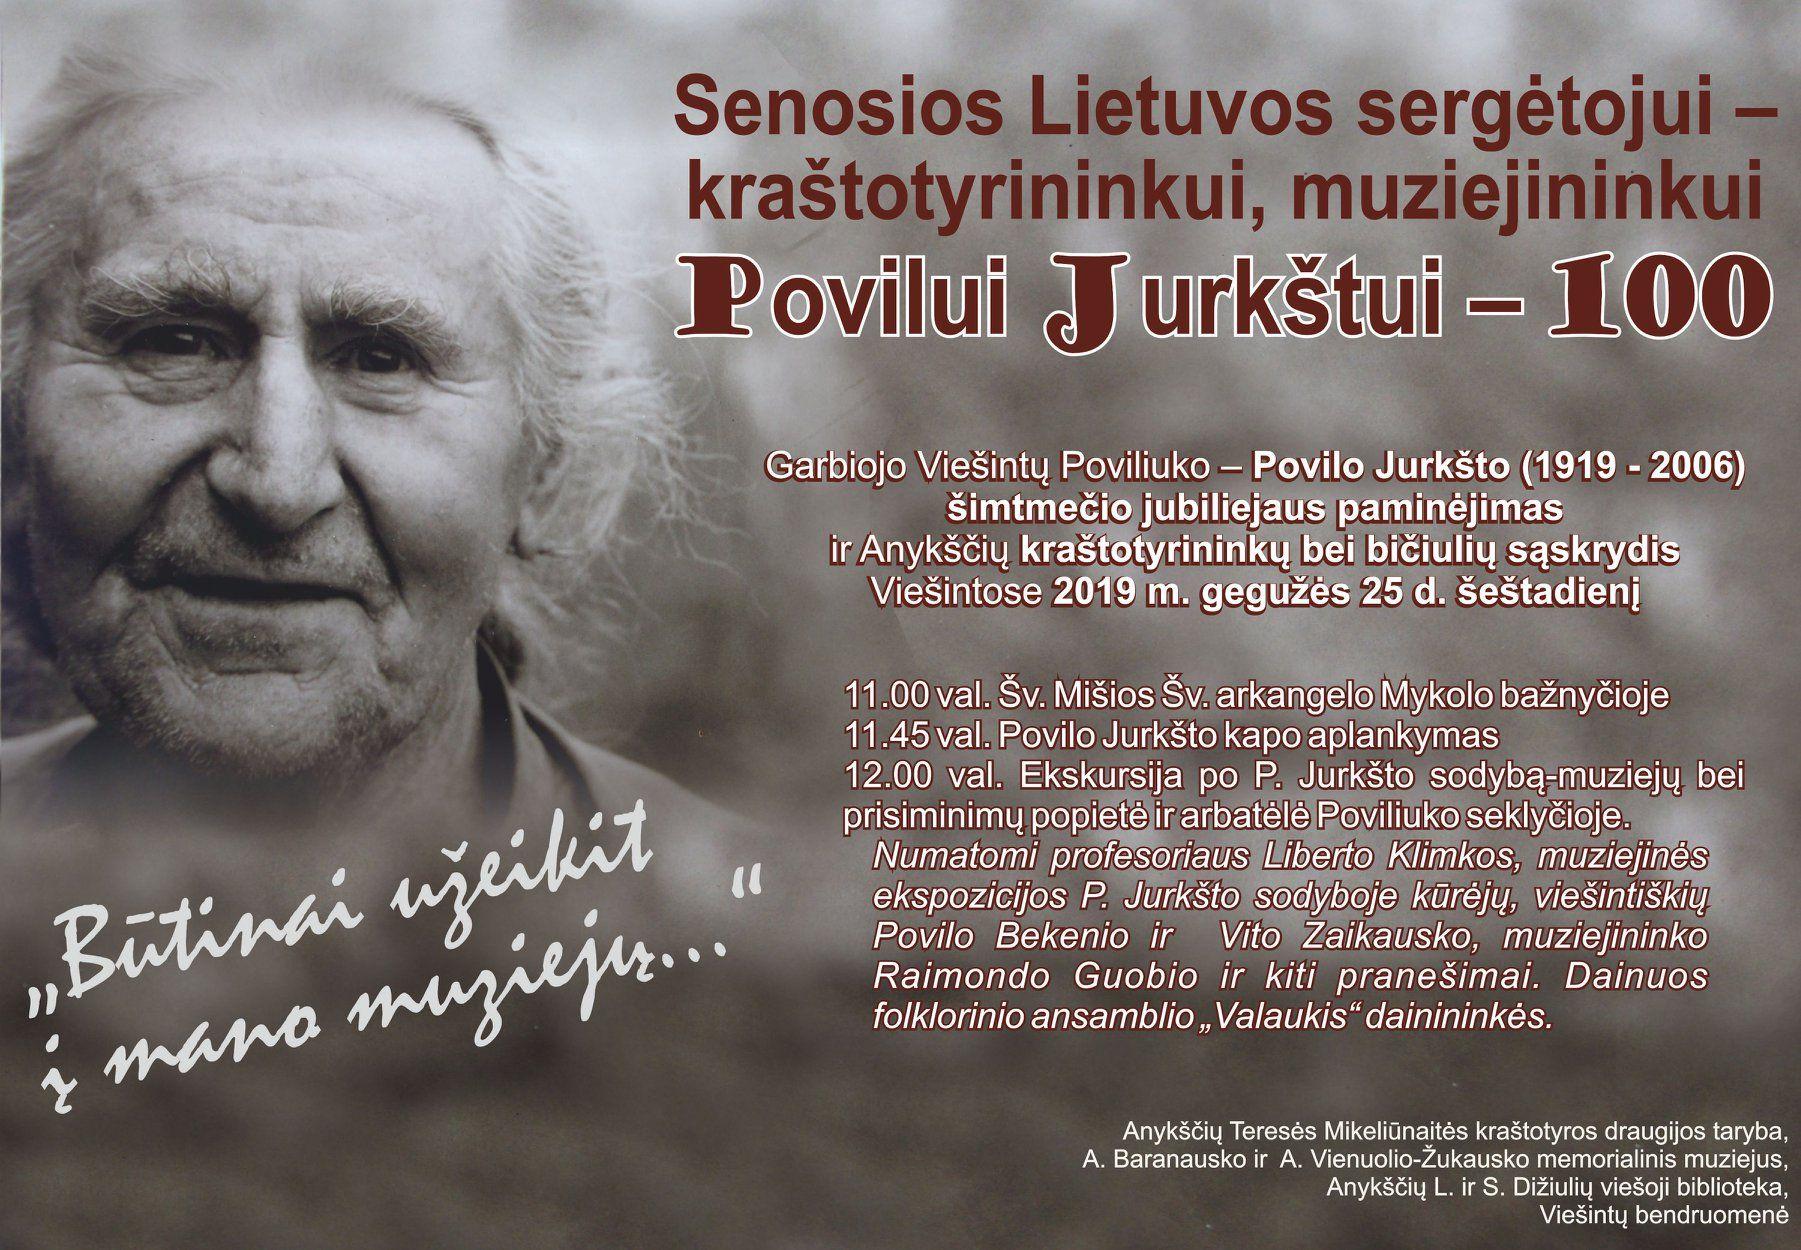 Senosios Lietuvos sergėtojui - kraštotyrininkui, muziejininkui Povilui Jurkštui - 100